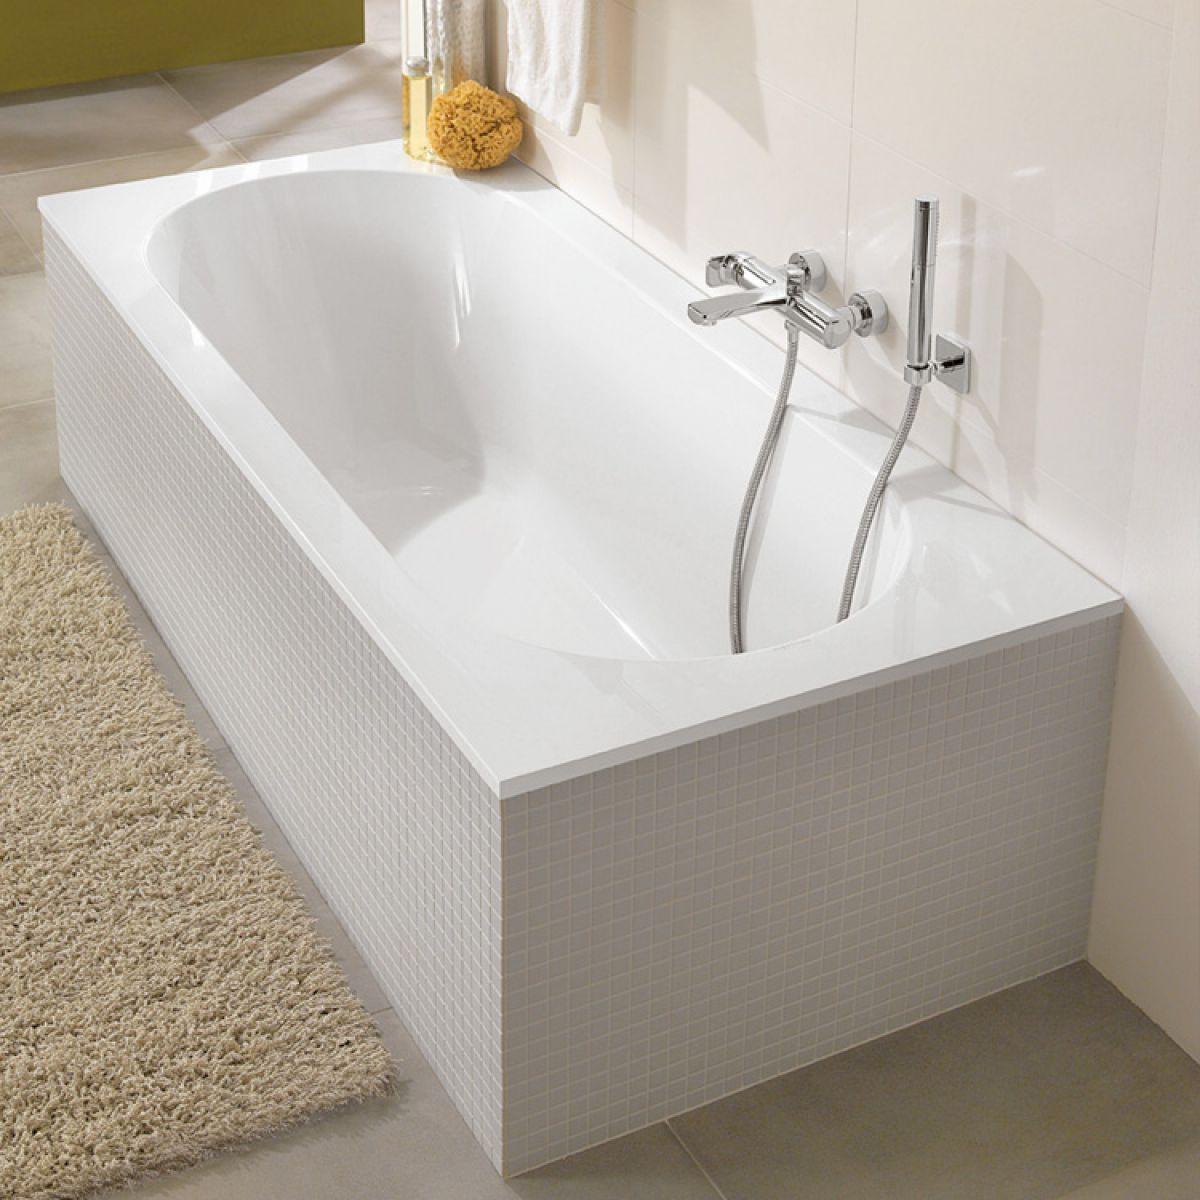 Villeroy Boch Soho Oberon Quaryl Bath Bathroom Laundry In Bathroom Villeroy Boch